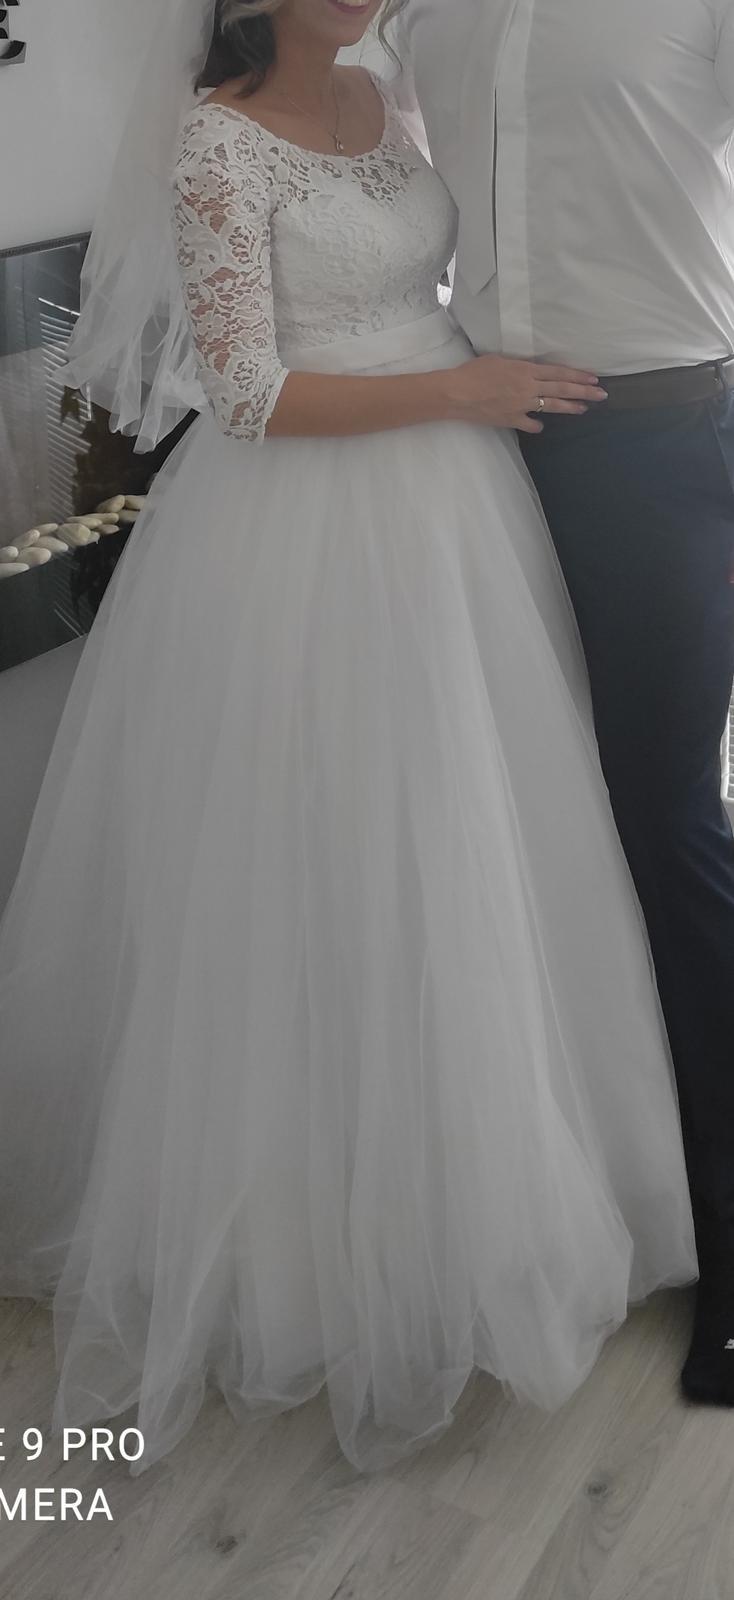 Predám svadobné šaty veľ S aj pre tehotné - Obrázok č. 4